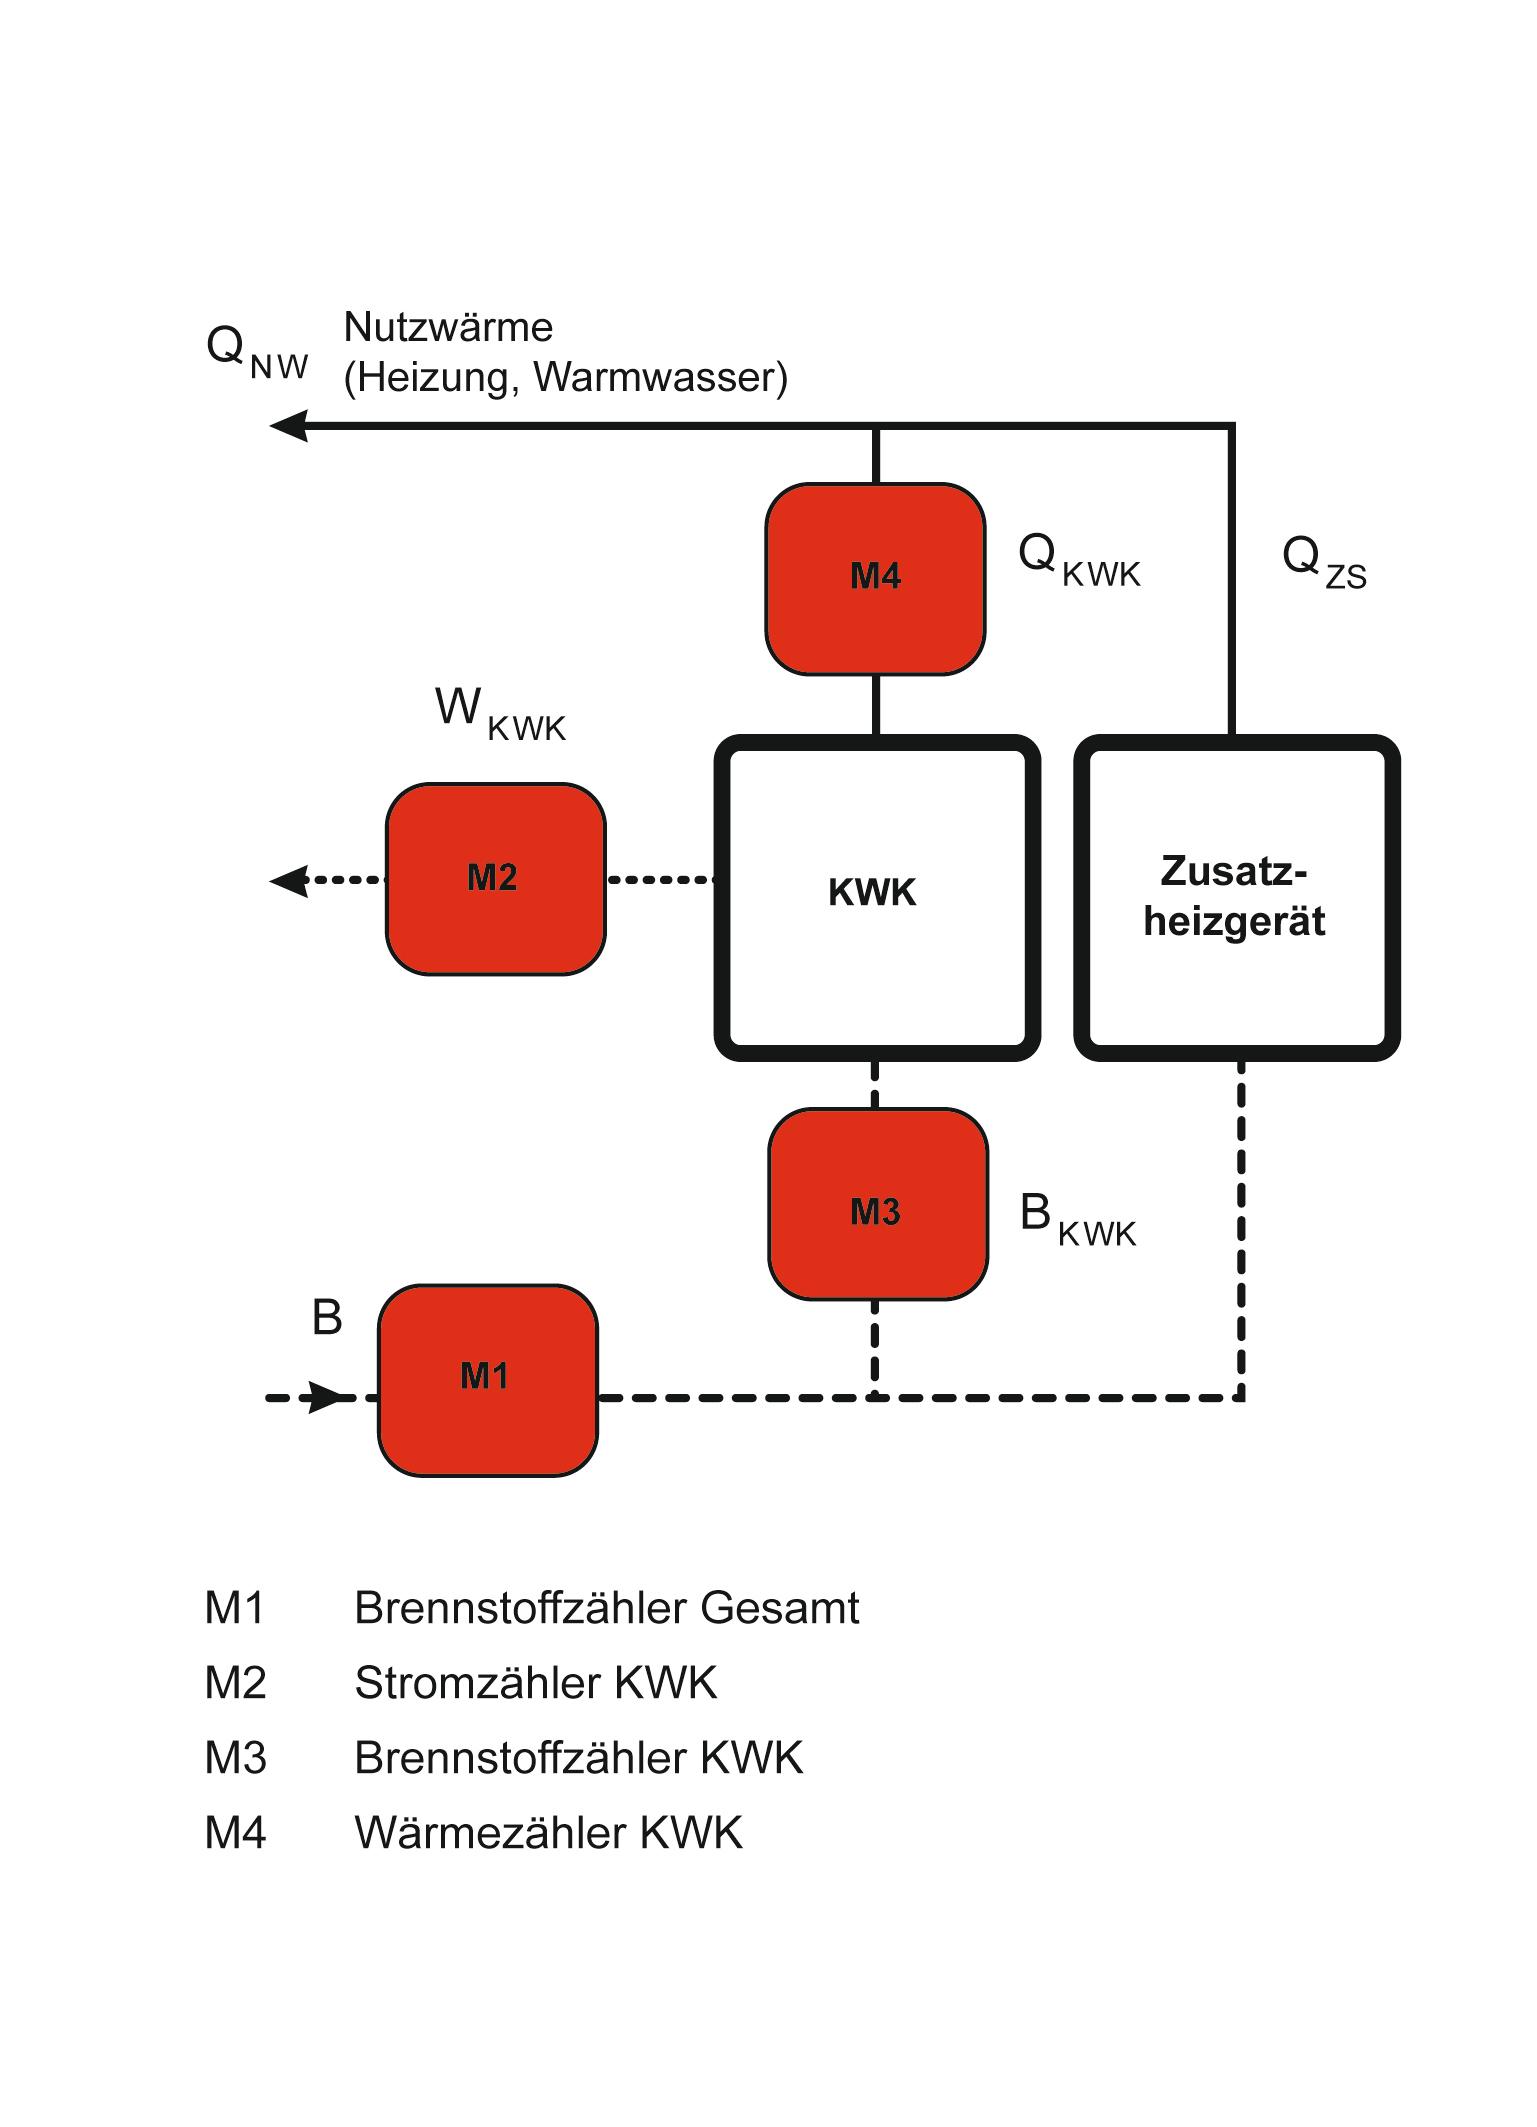 regenerativ heizen tipps f r die abrechnung bundesbaublatt. Black Bedroom Furniture Sets. Home Design Ideas